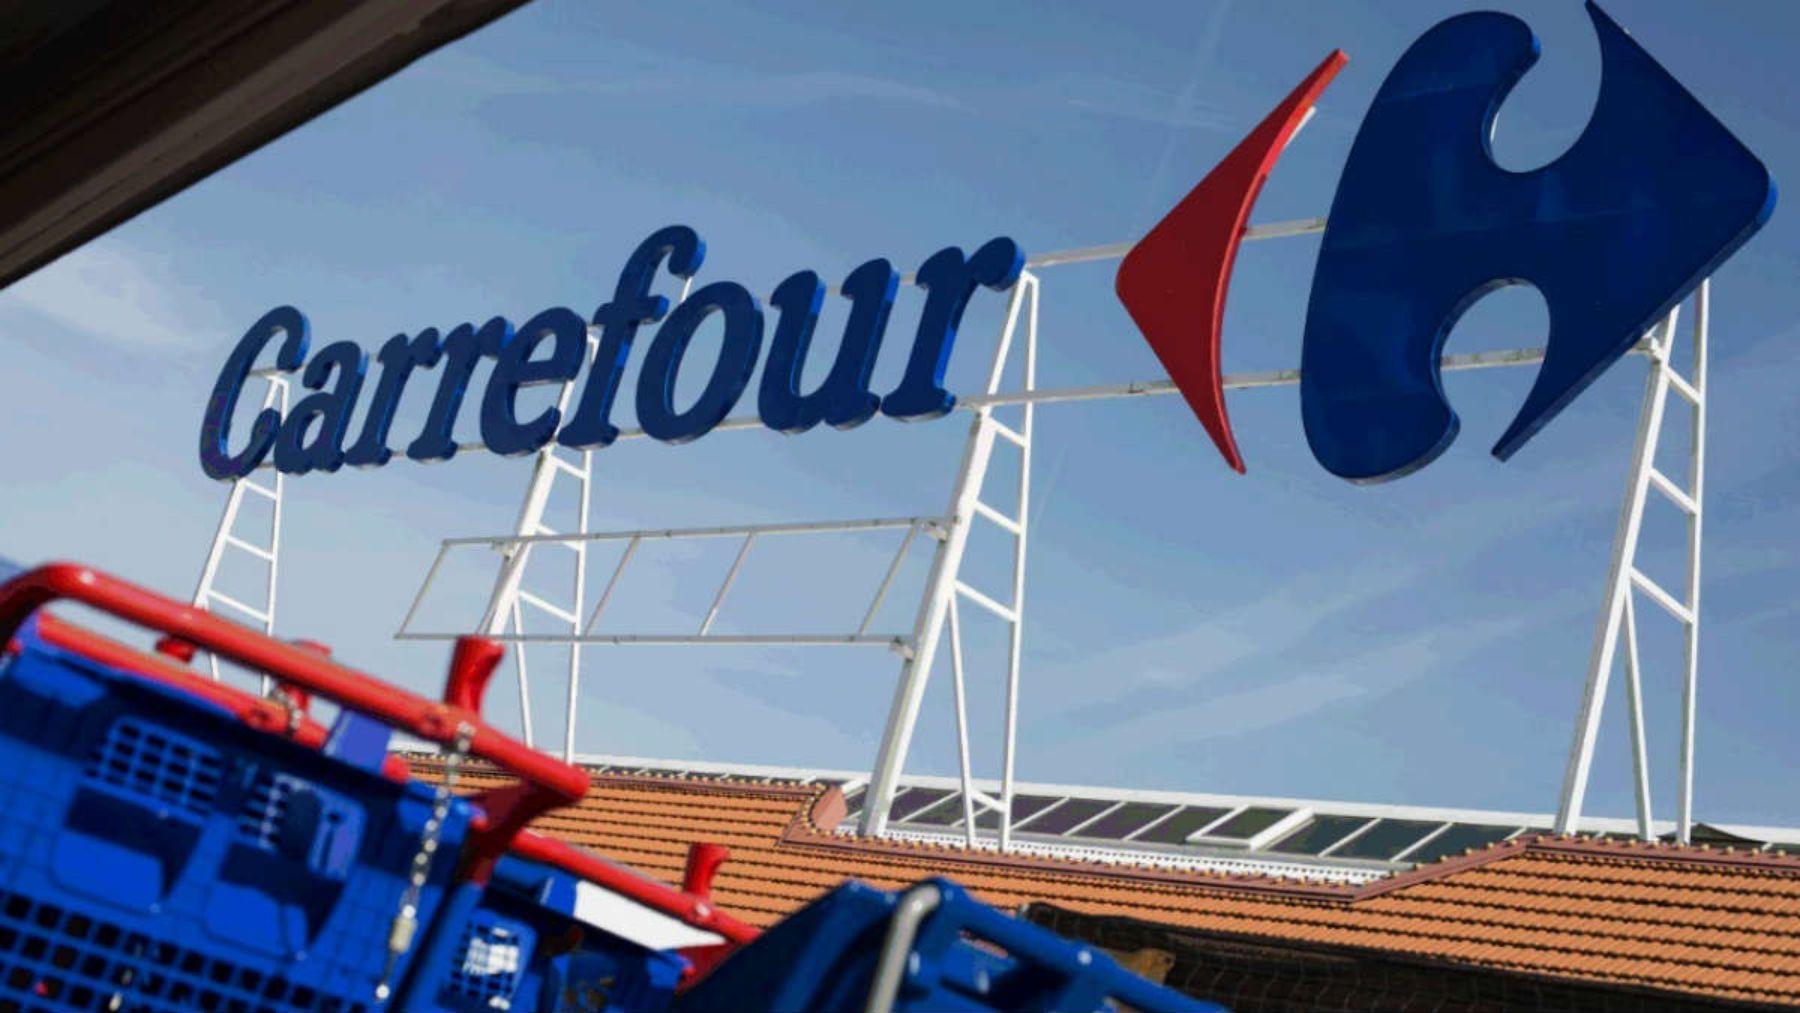 El verano llega a Carrefour